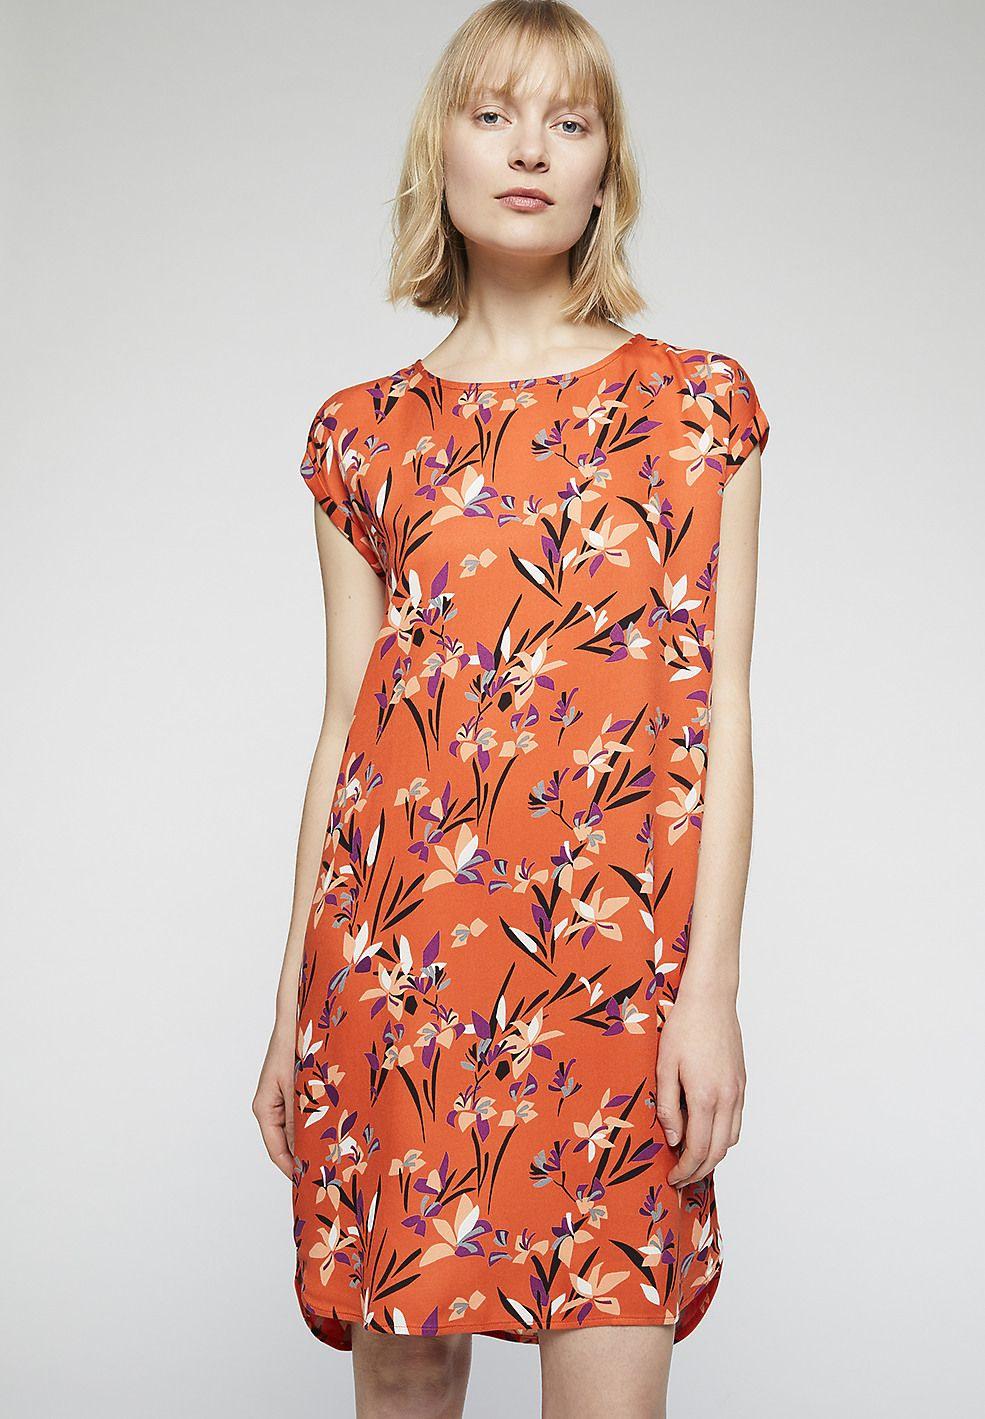 13 Spektakulär Kleid Orange Kurz Boutique Fantastisch Kleid Orange Kurz für 2019